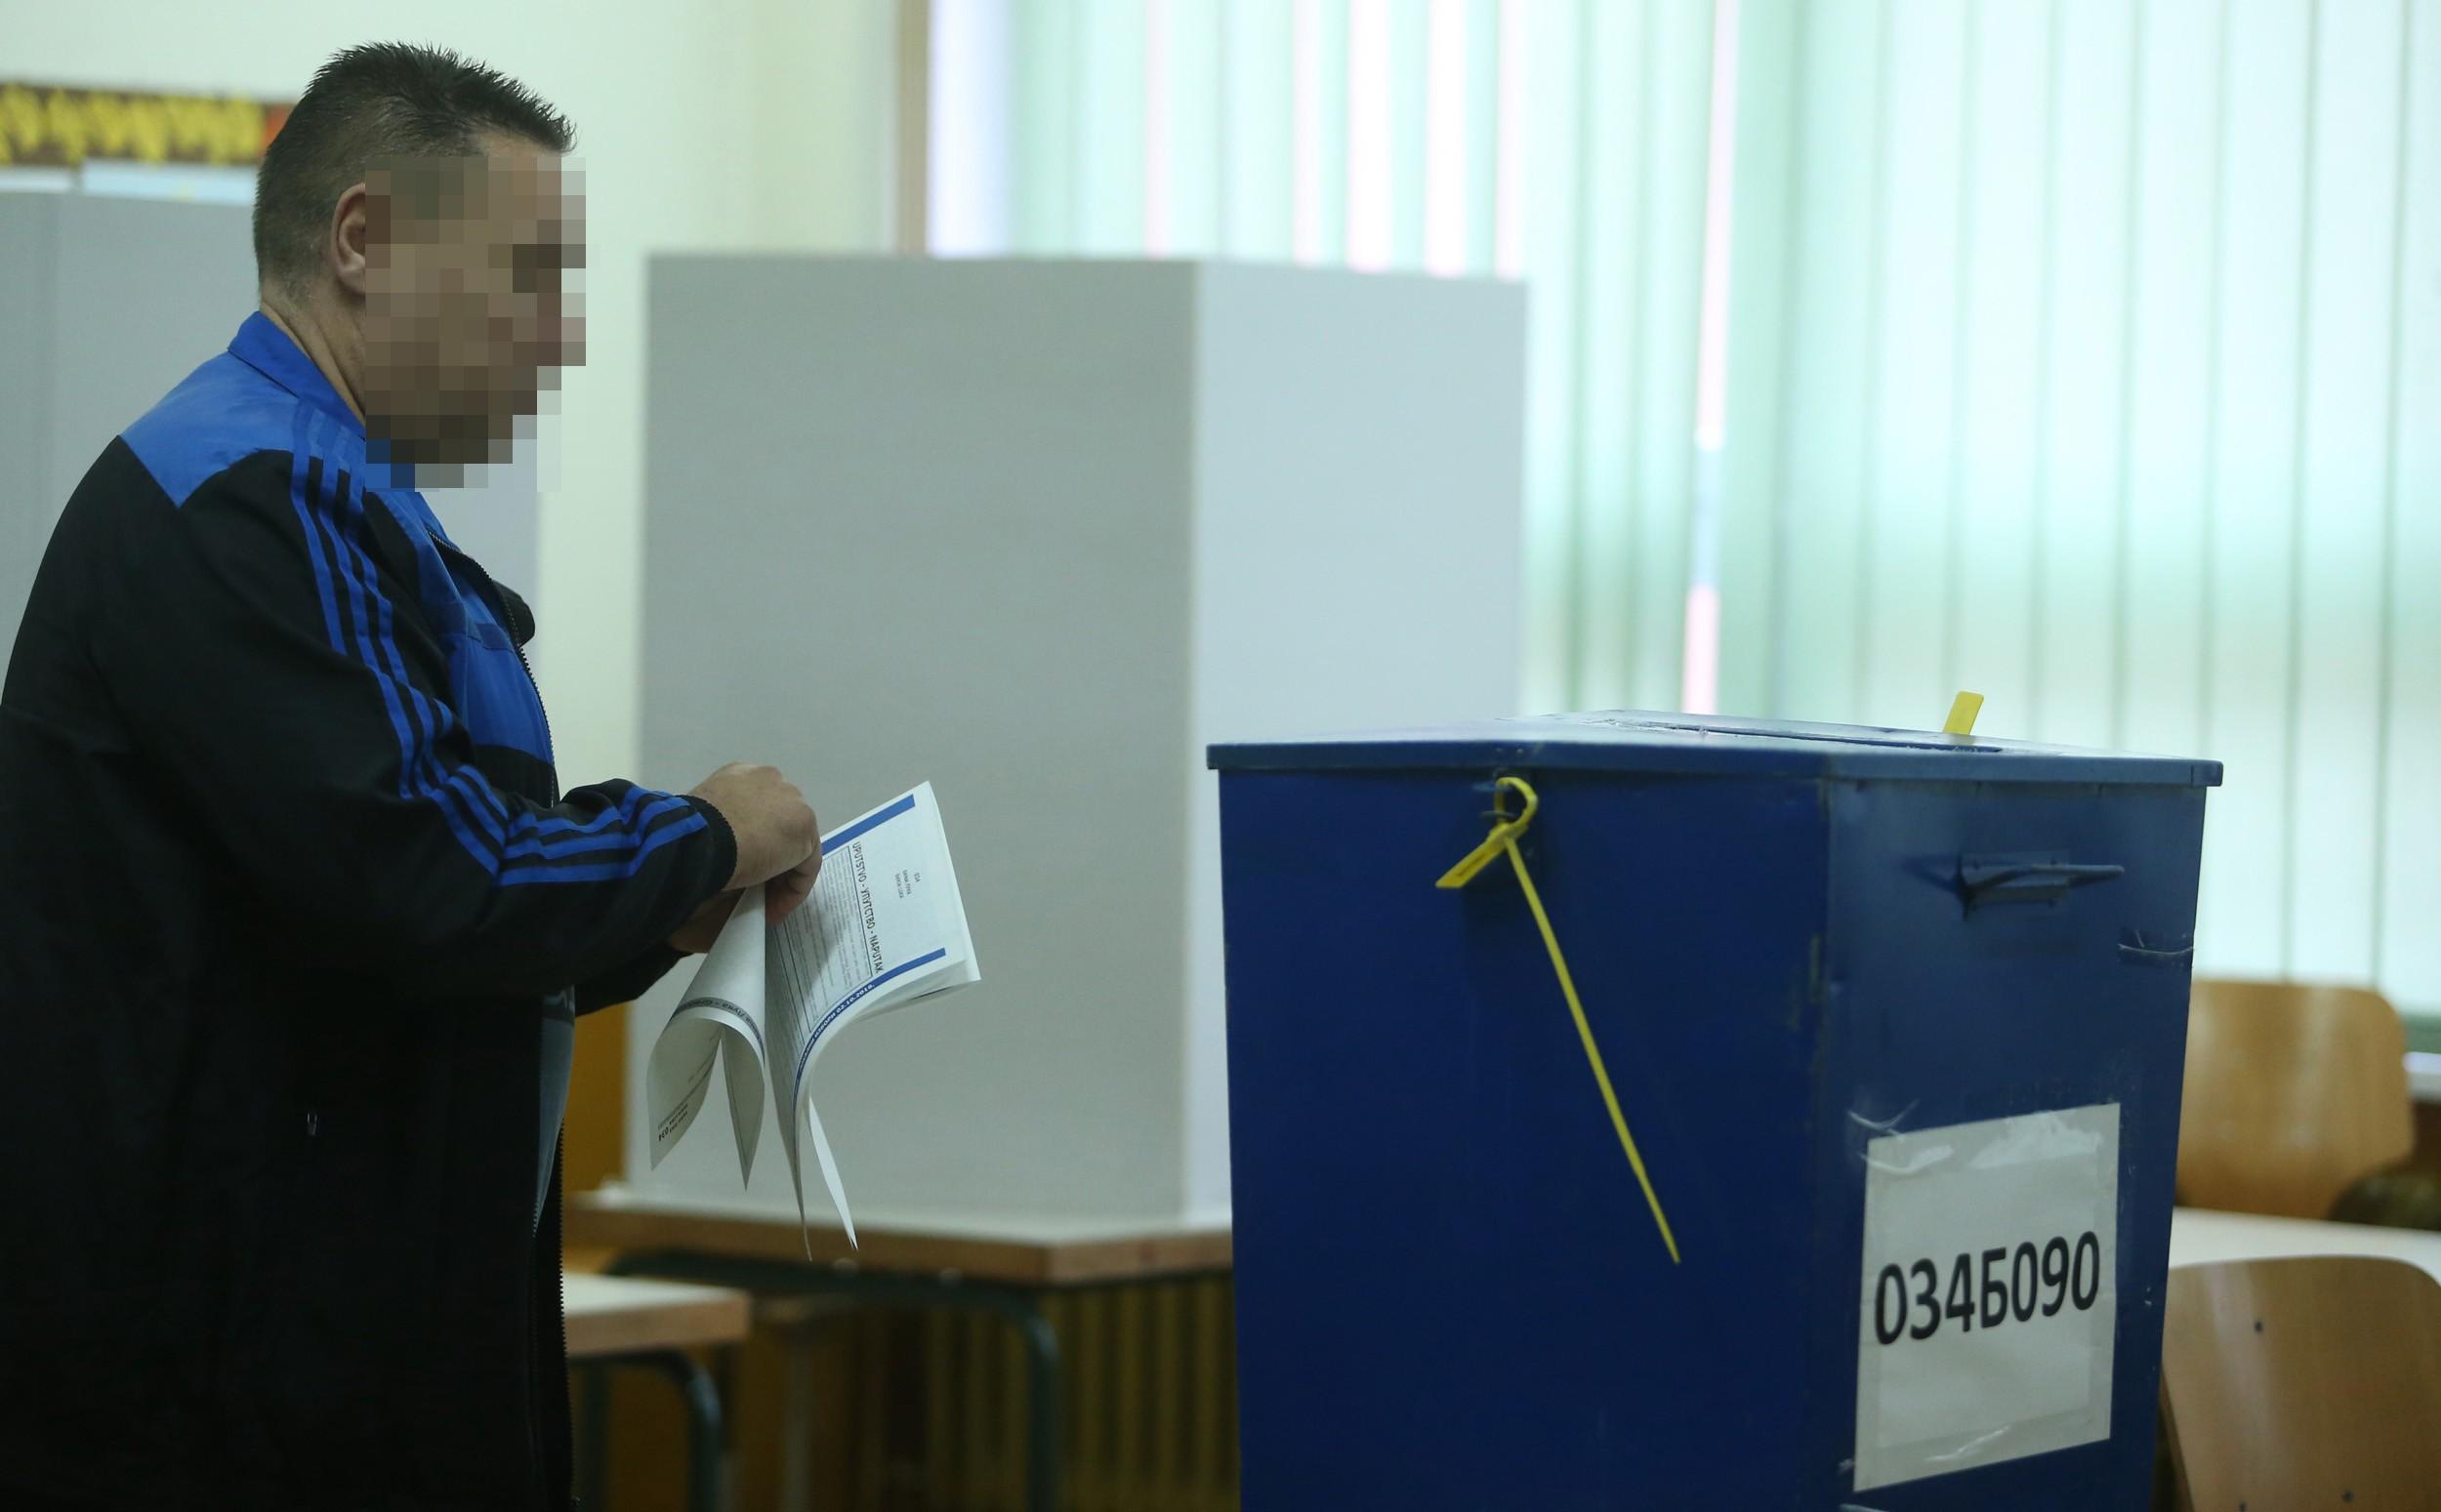 PARLAMENTARNI IZBORI U HRVATSKOJ Velike gužve na biralištima u Mostaru